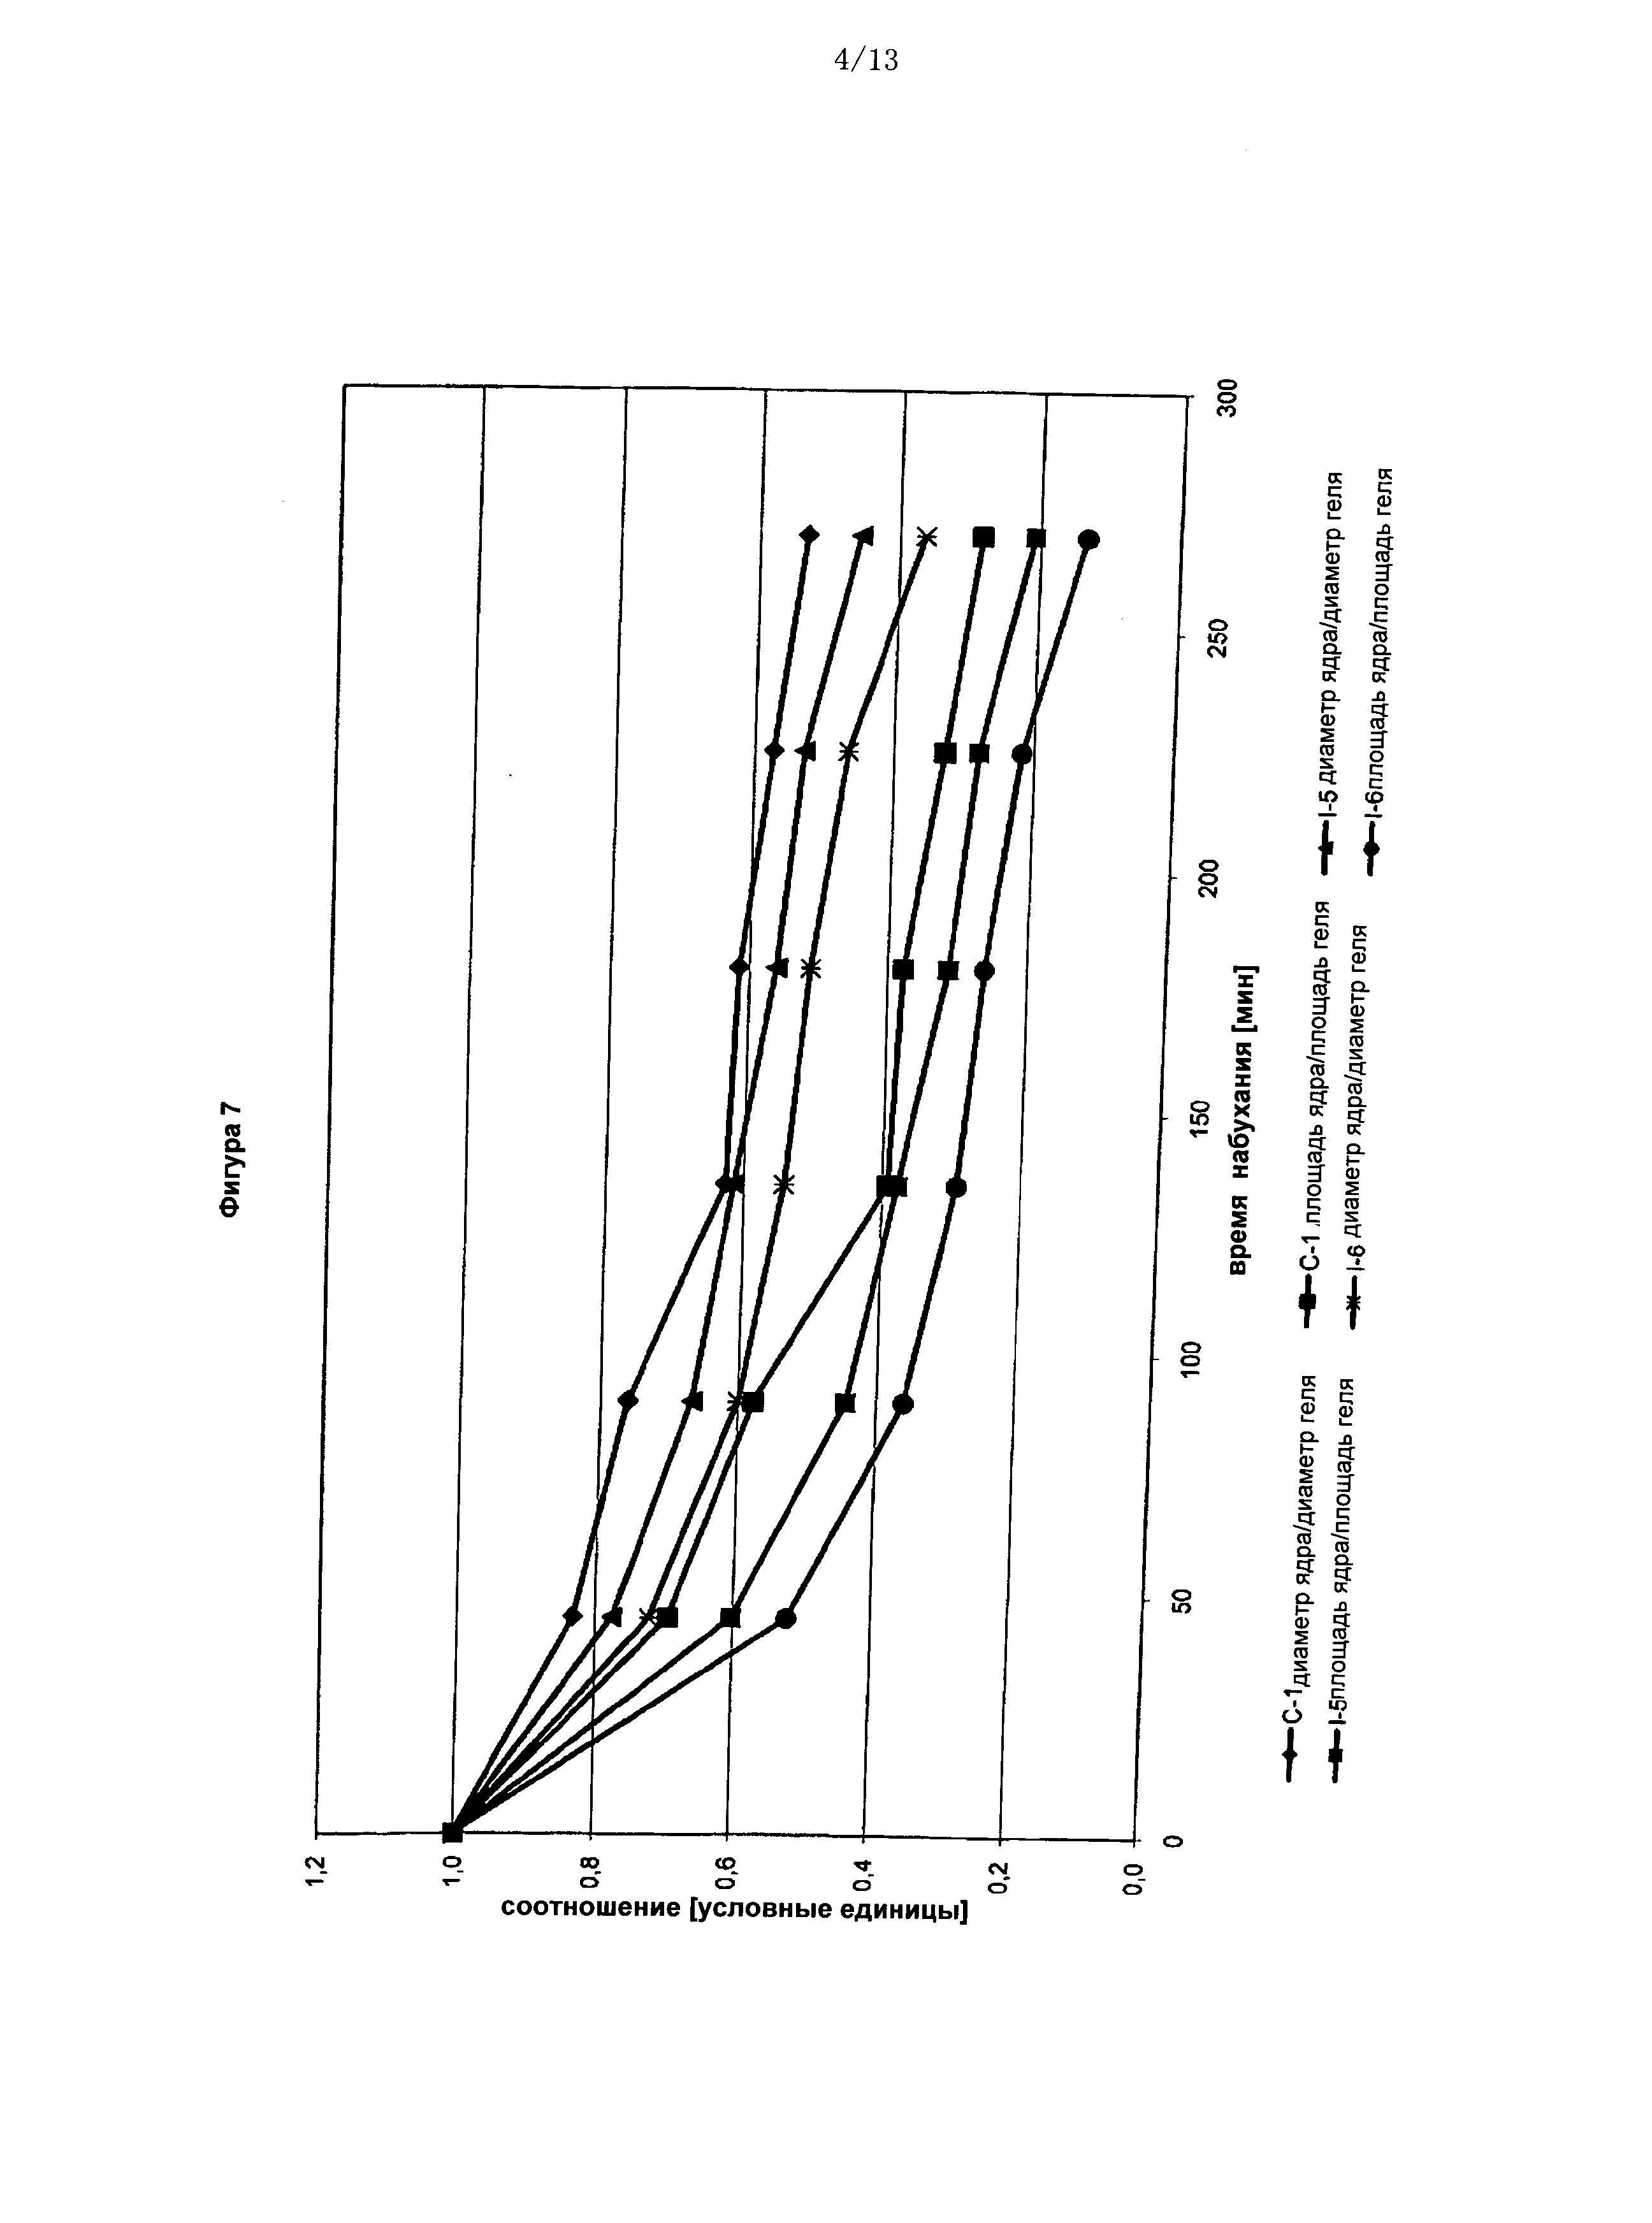 Устойчивая к разрушению лекарственная форма, которая содержит анионный полимер